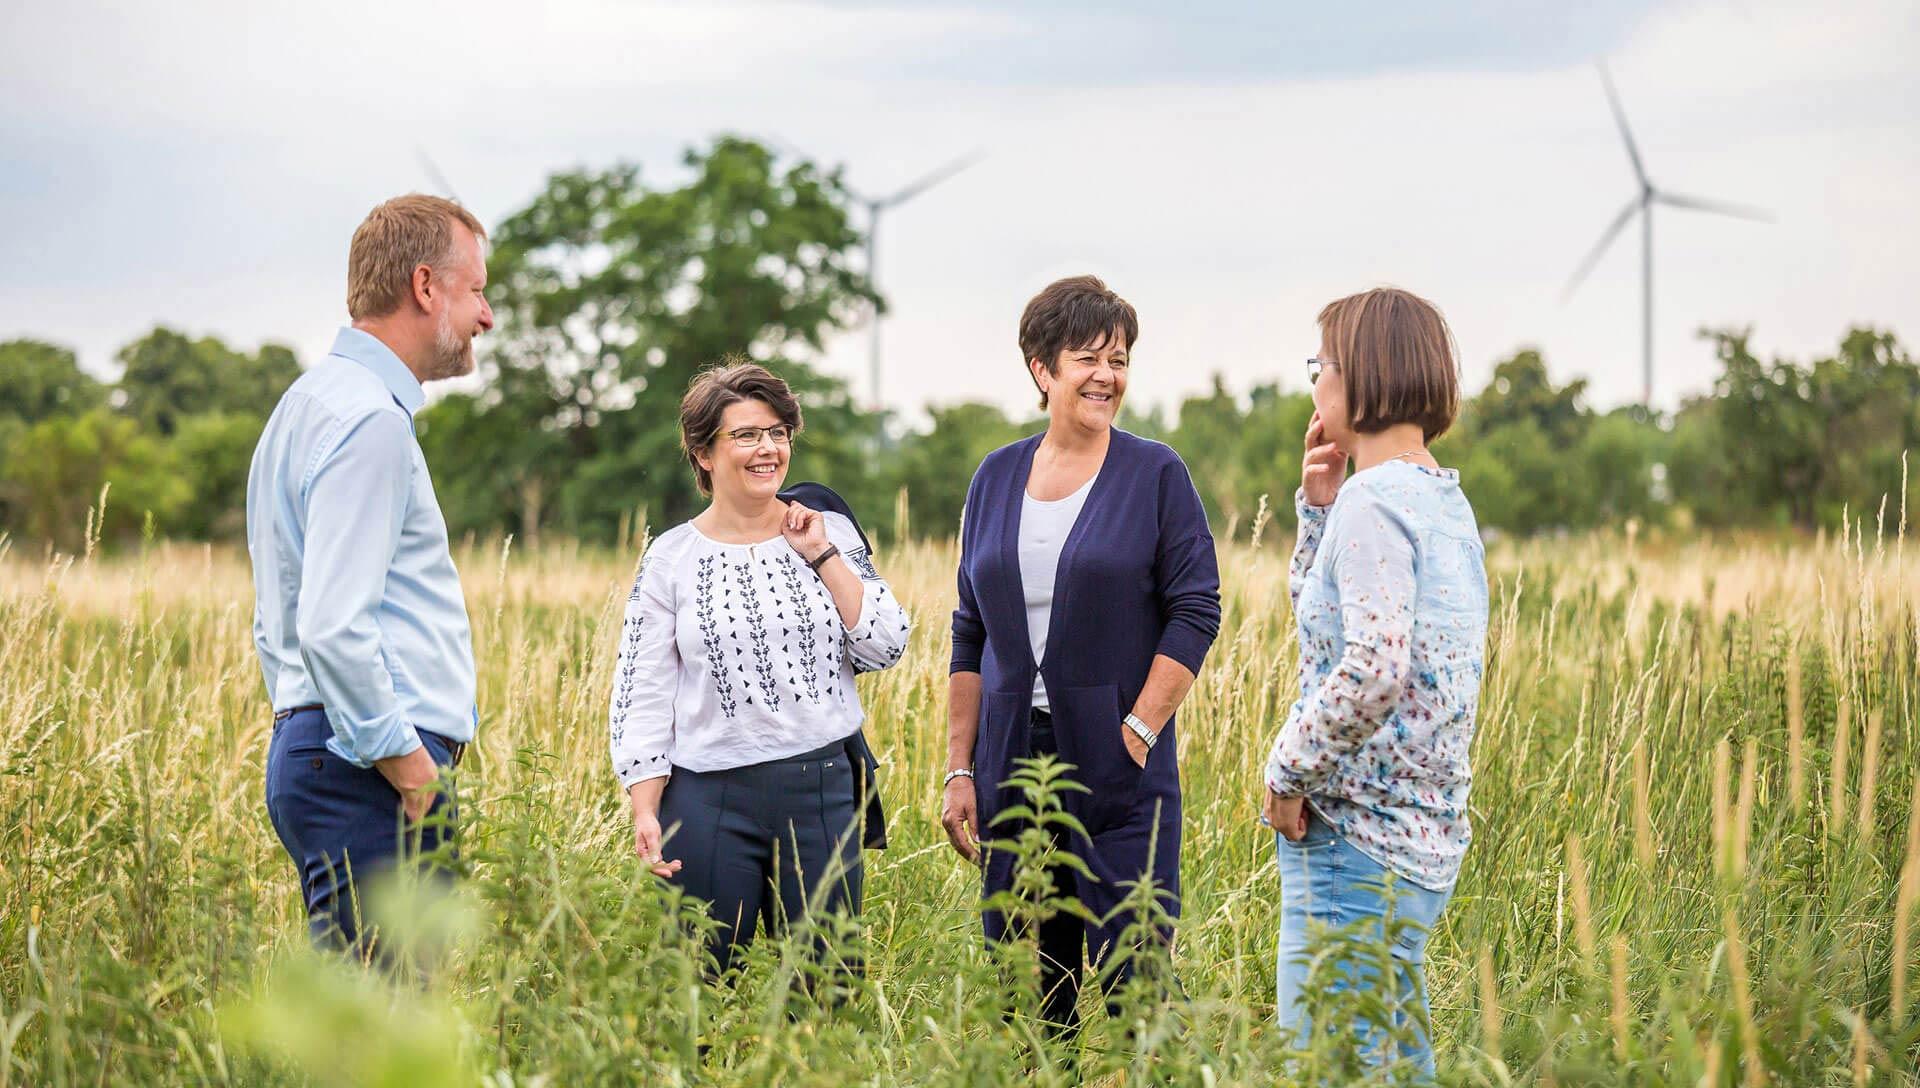 teamfoto-im gruenen-berlin-nachhaltiges unternehmen